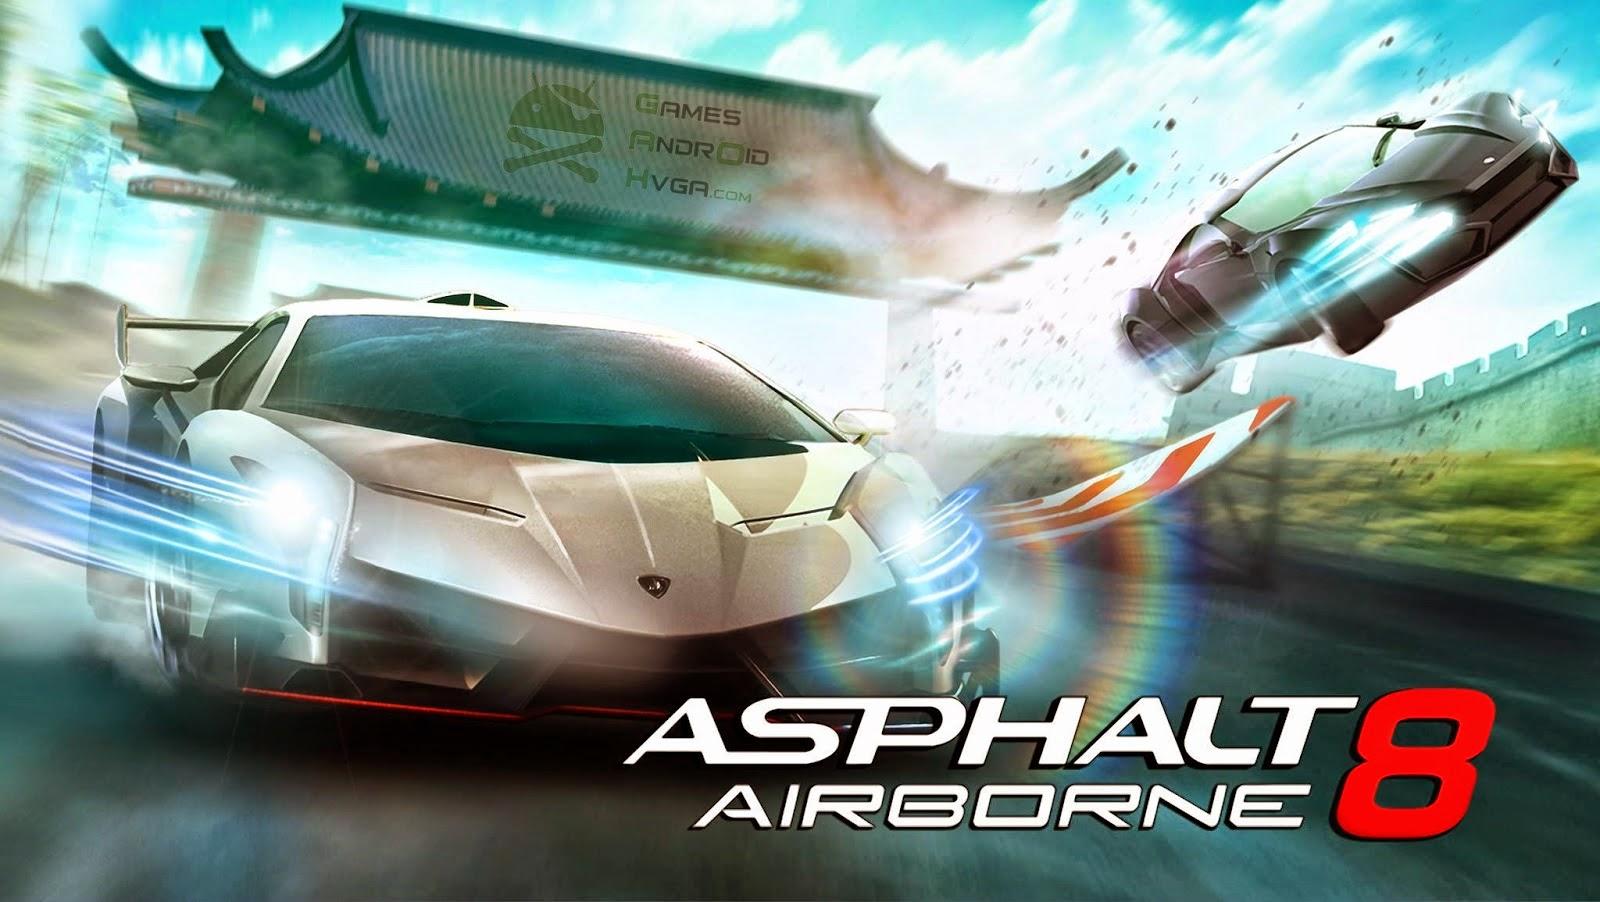 Asphalt 8 airborne mod v1 apk data download android club4u latest android trends - Asphalt 8 hd images ...